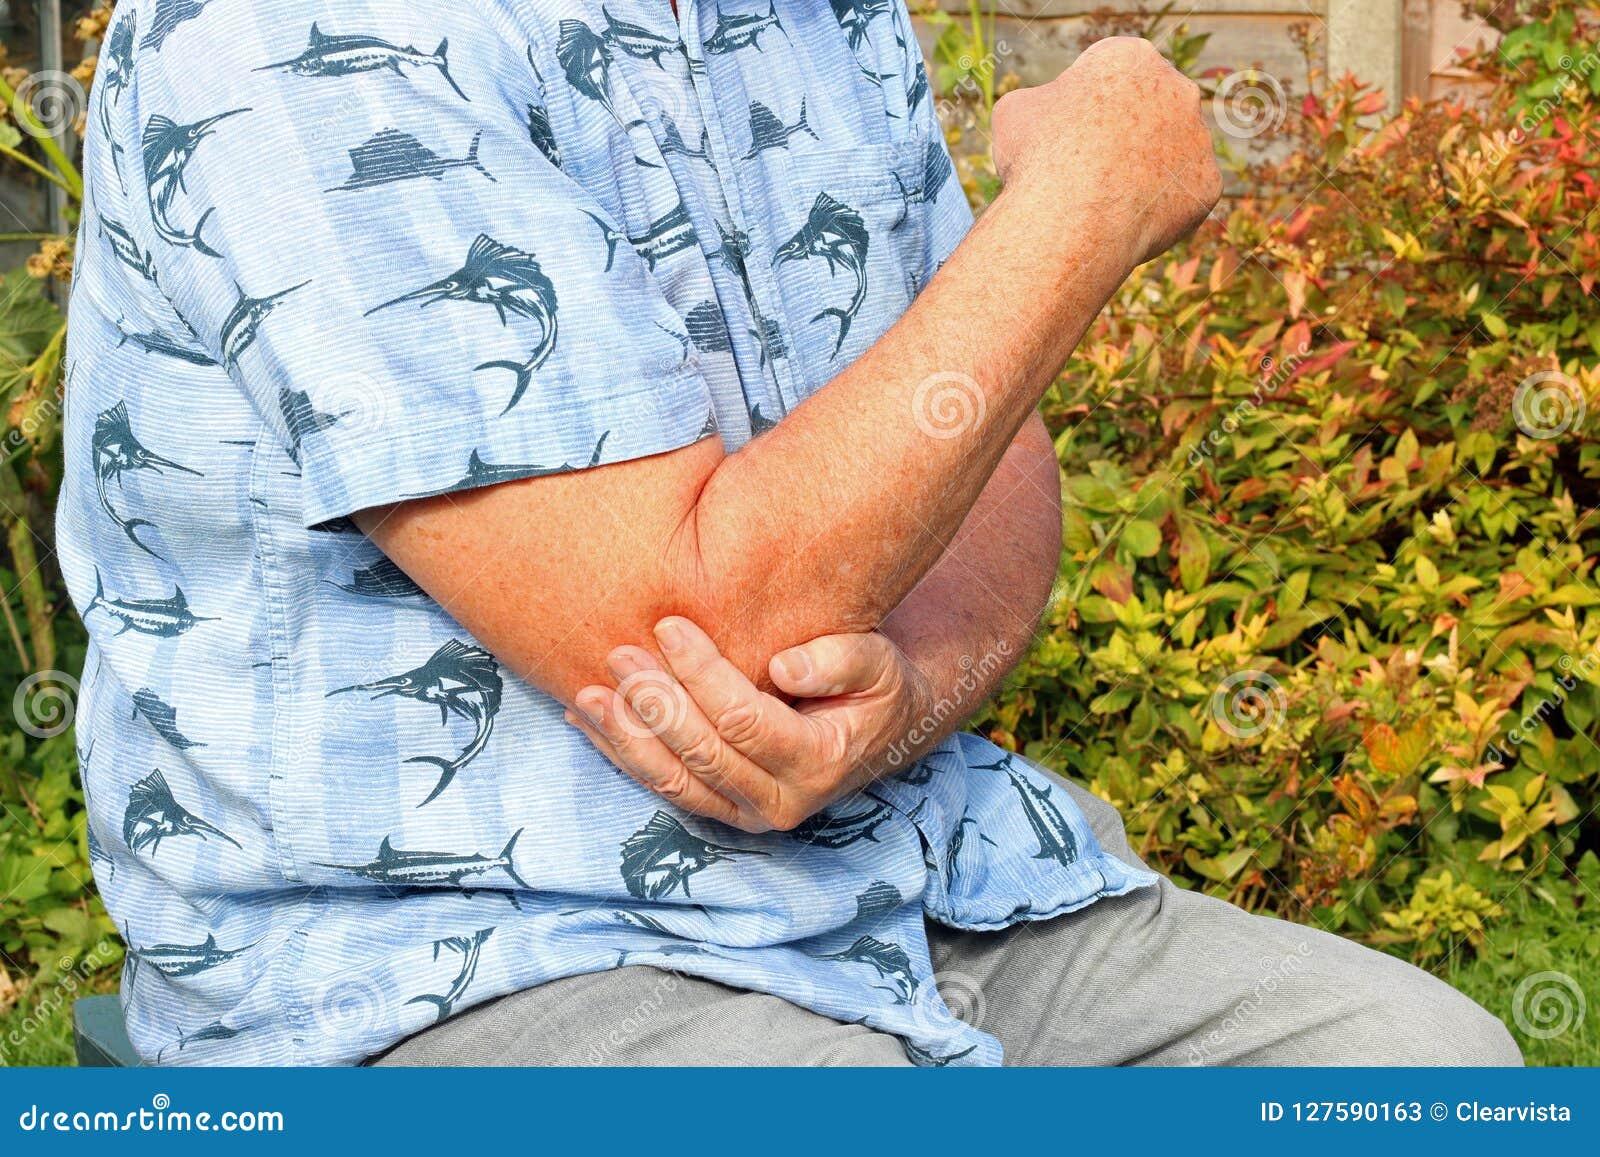 手肘痛苦 关节x线照片 前辈在痛苦中